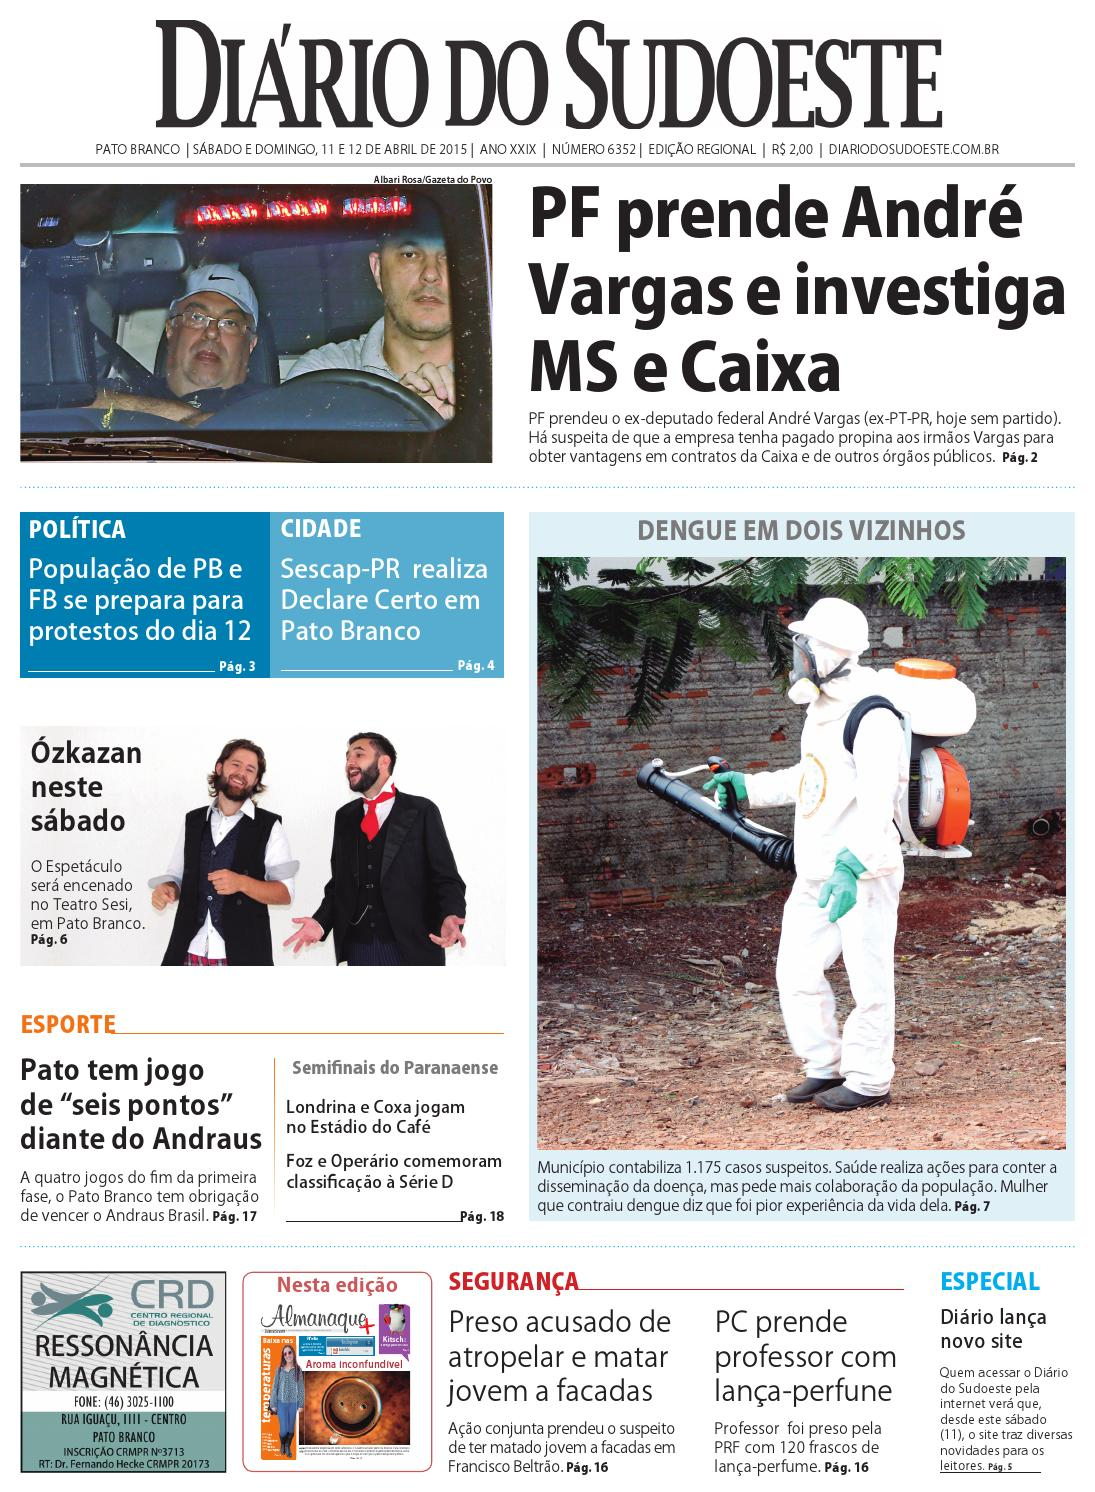 523ae9f557dc3 Diário do Sudoeste 11 e 12 de abril de 2015 - Edição 6352 by Diário do  Sudoeste - issuu